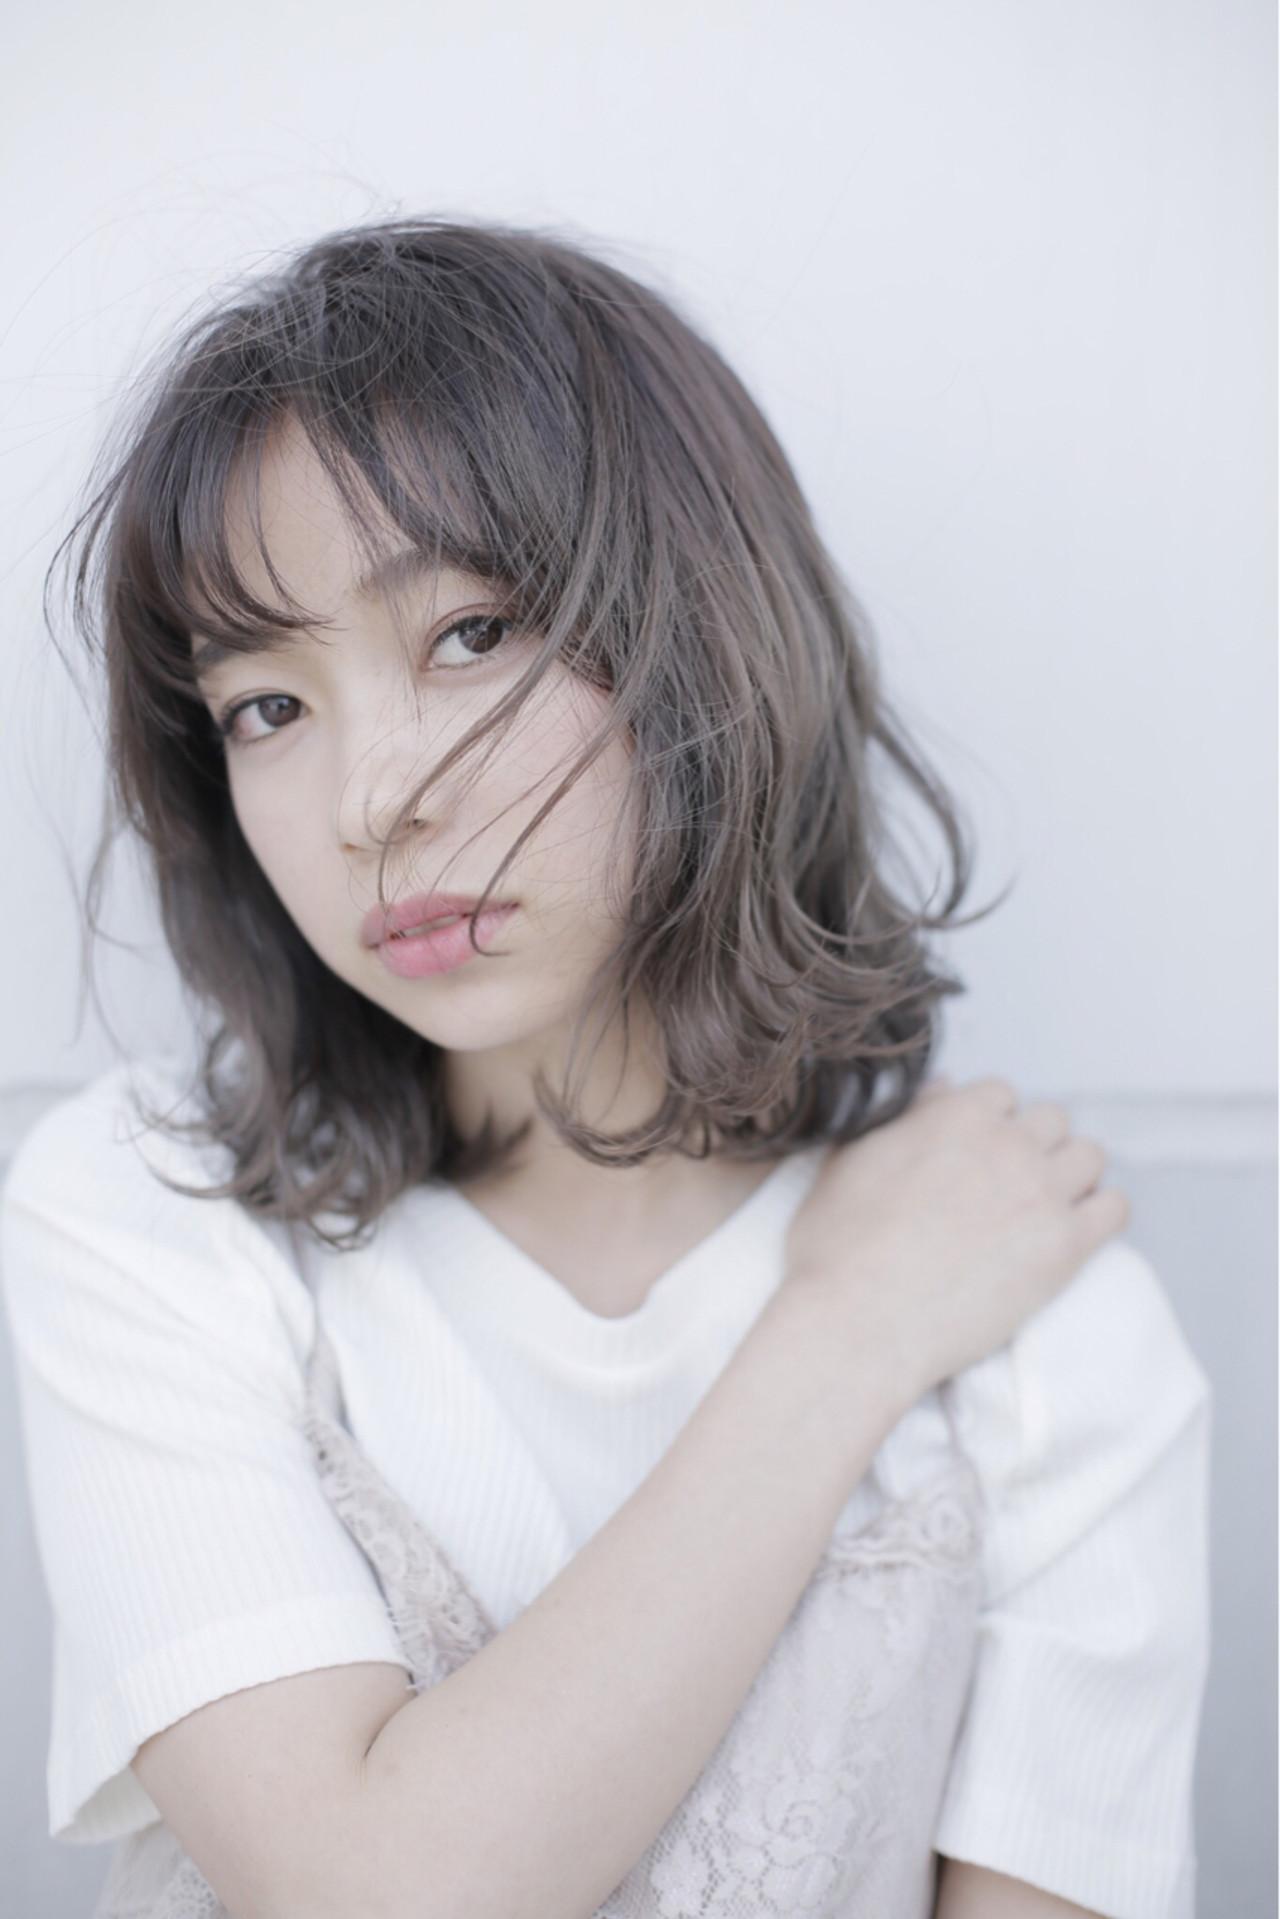 グレーアッシュ ミディアム 透明感 春 ヘアスタイルや髪型の写真・画像